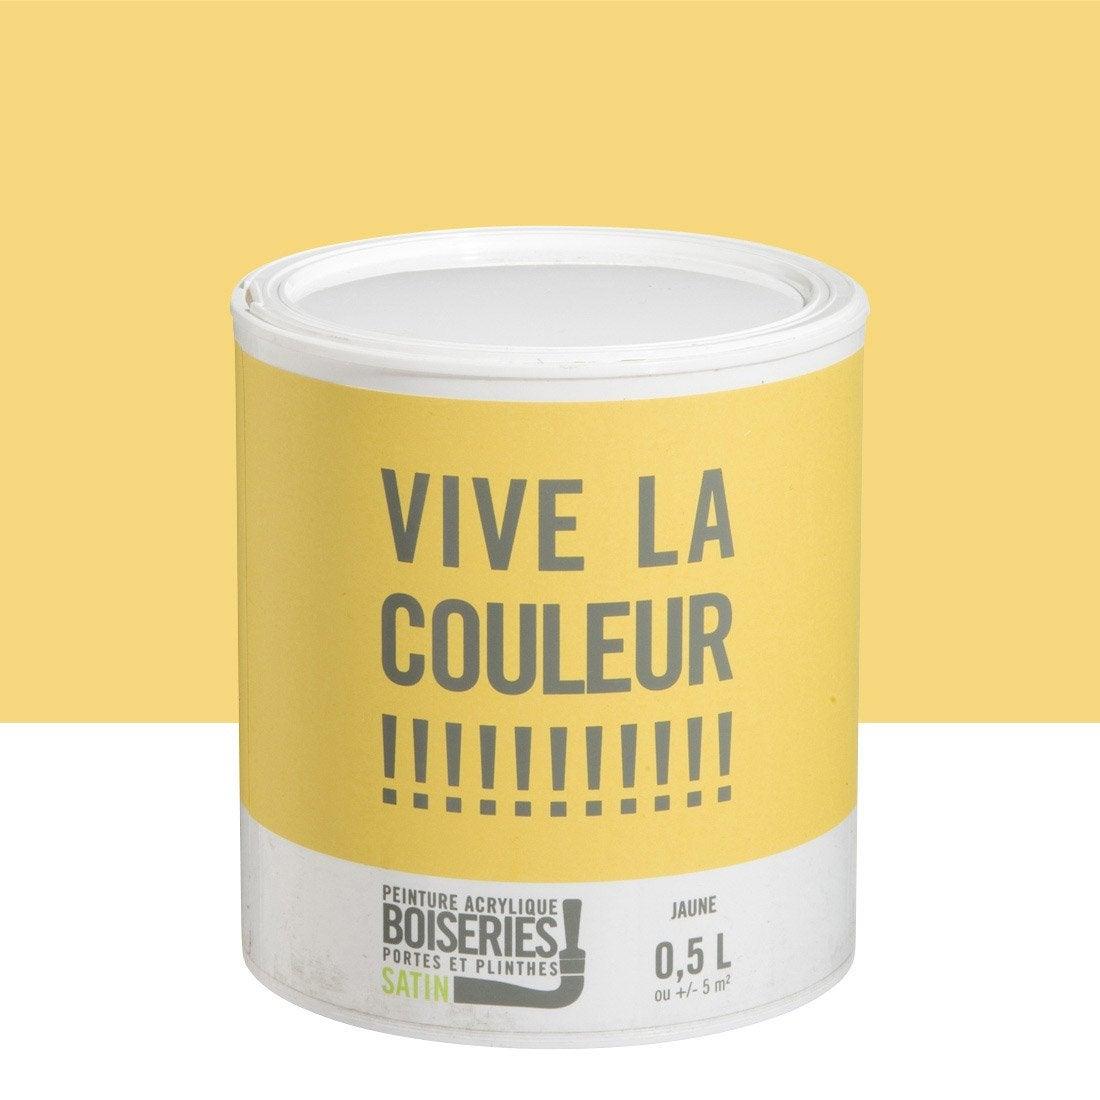 peinture boiserie vive la couleur jaune fonc 0 5 l leroy merlin. Black Bedroom Furniture Sets. Home Design Ideas